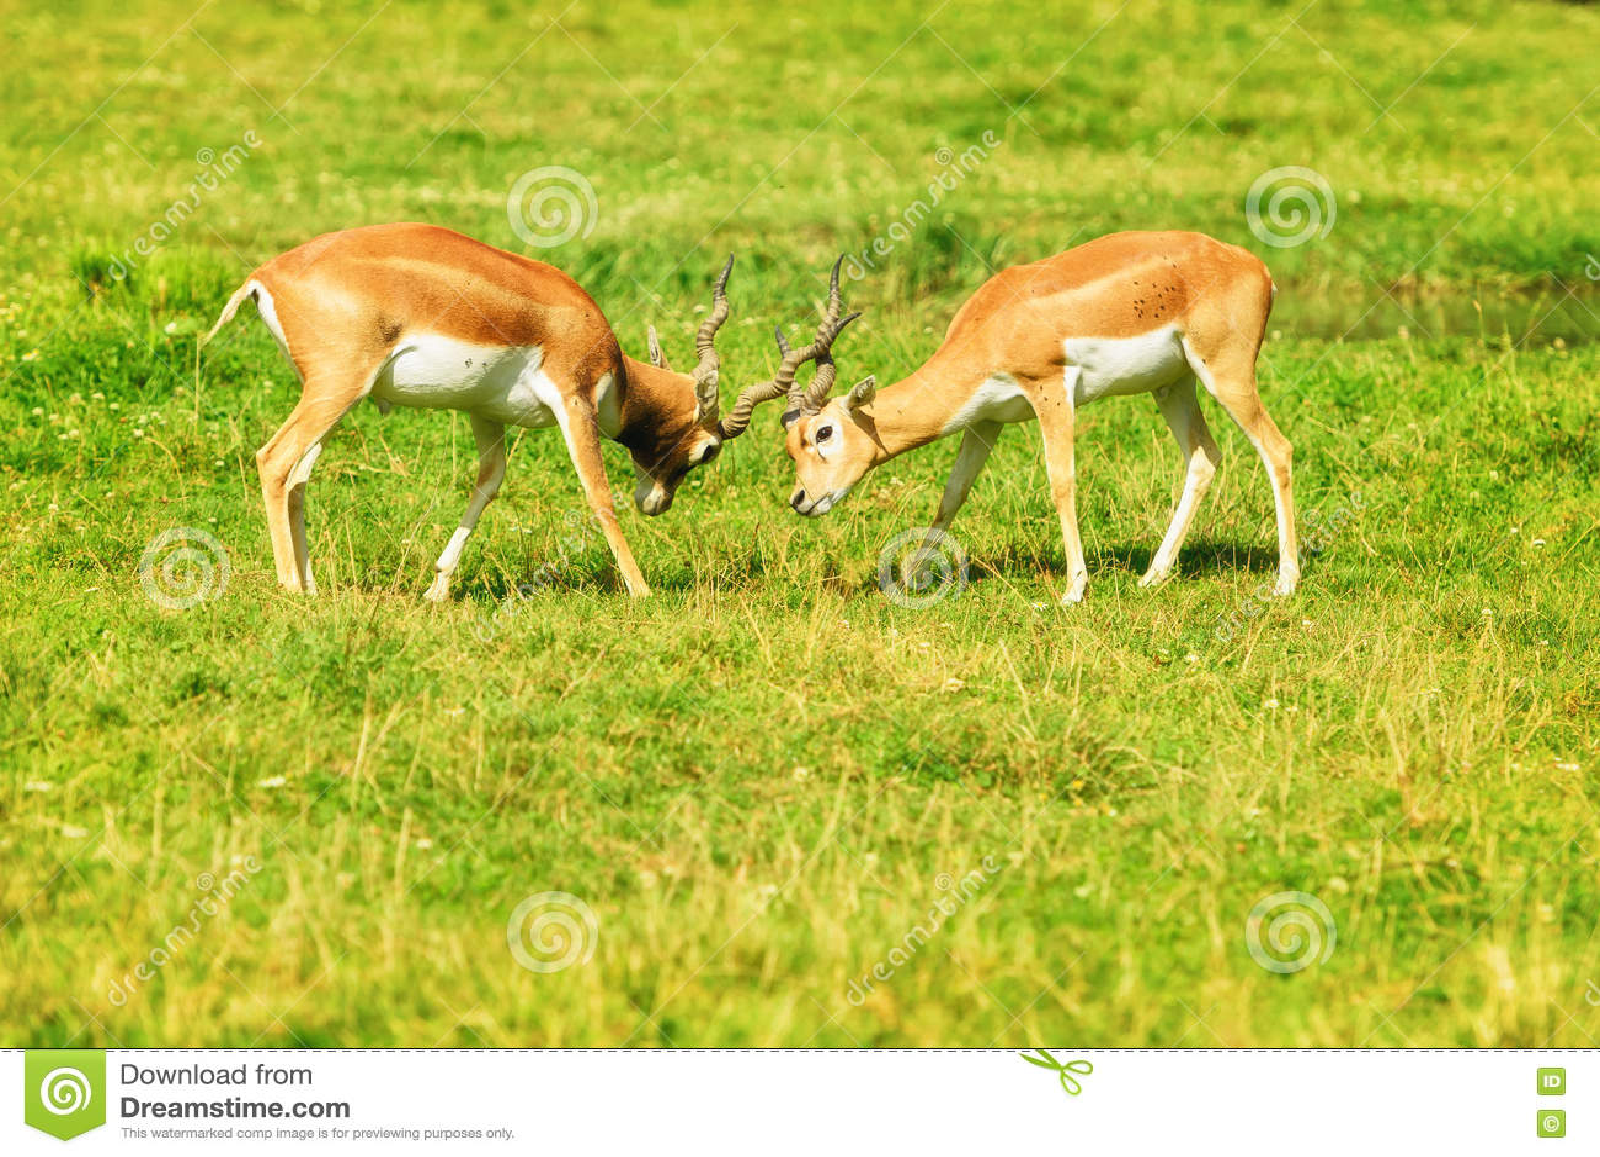 Deux antilopes brun-rougeâtre de combat sur l herbe